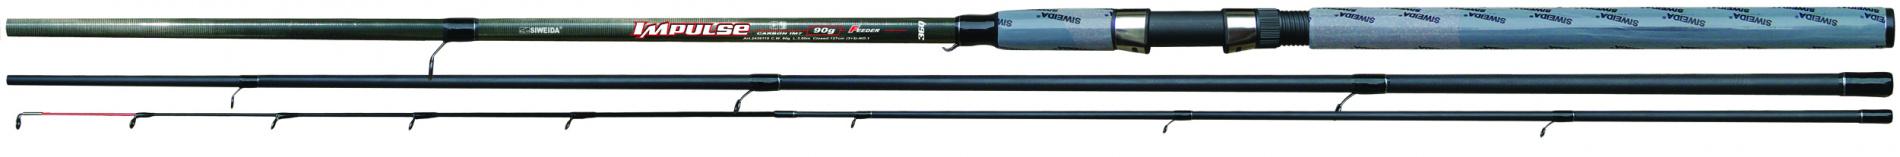 Удилище фидер. SWD Impulse 3,9м карбон IM7 (3сек+3хл, Удилища фидерные и пикерные<br>Мощный 3-х частный штекерный фидер, изготовленный <br>из карбона IM7. Основные характеристики удилища: <br>длина 3,9м (в сложенном состоянии 130см), количество <br>секций - 3, максимальный вес оснастки - до <br>150г. Удилище оснащено кольцами SIC, надежным <br>винтовым катушкодержателем и комбинированной <br>ручкой из EVA и пробки. Комплектуется 3-мя <br>сменными хлыстами - 1 из карбона и 2 из стекловолокна <br>с разными тестами, которые выбирают исходя <br>из массы оснасток. Рекомендуется для ловли <br>на реках со средним и быстрым течением и <br>в водоемах со стоячей водой.<br>